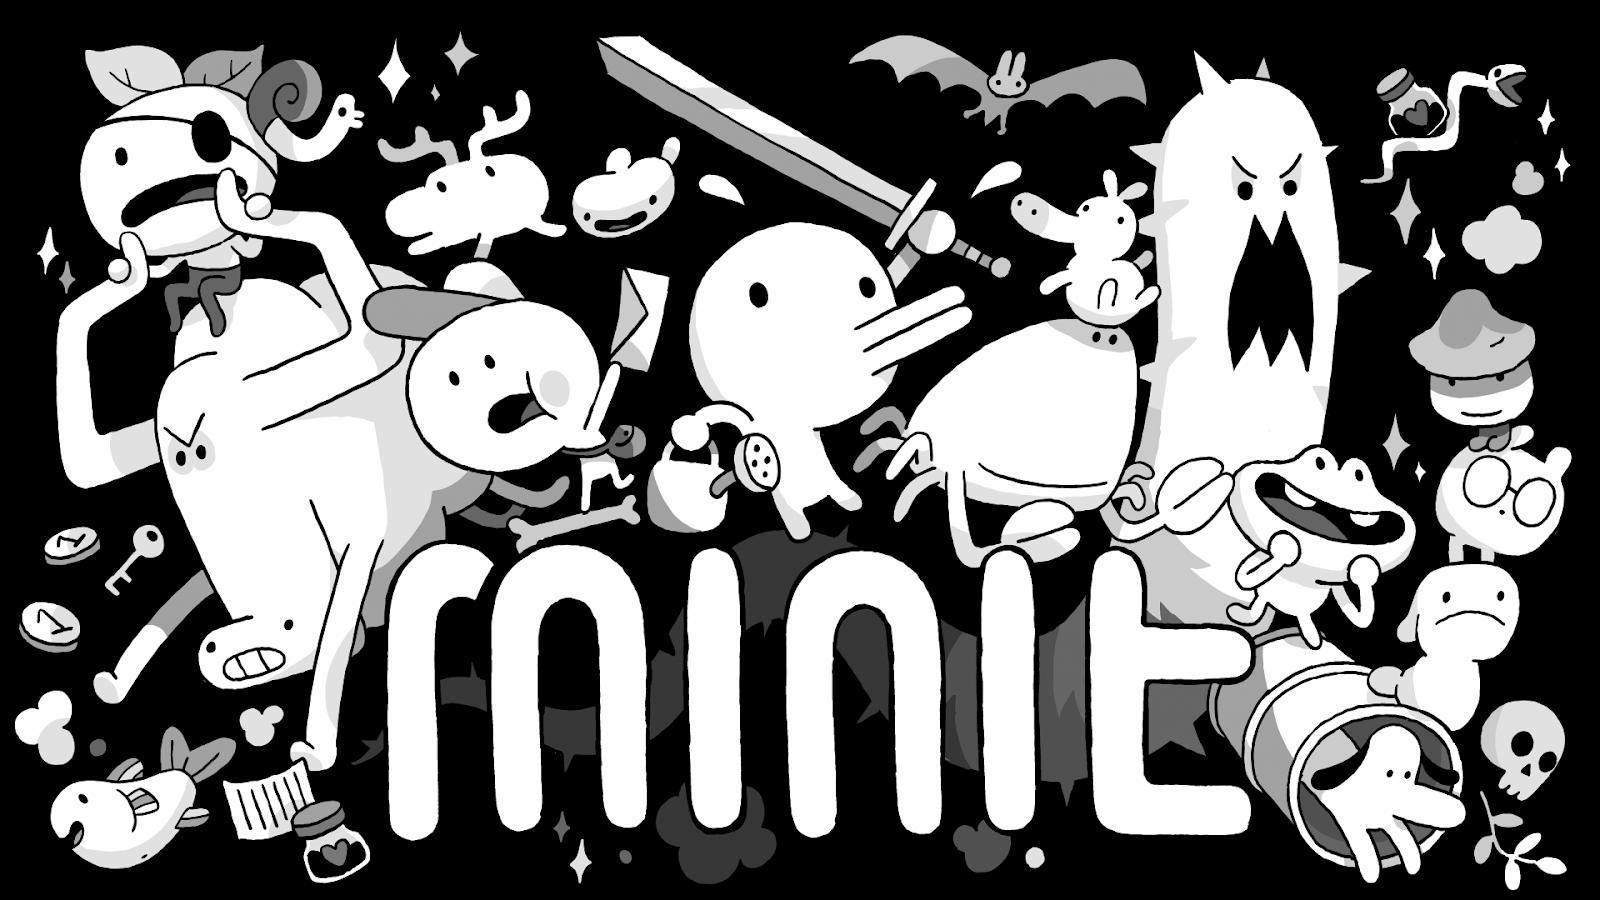 Minit (Xbox)